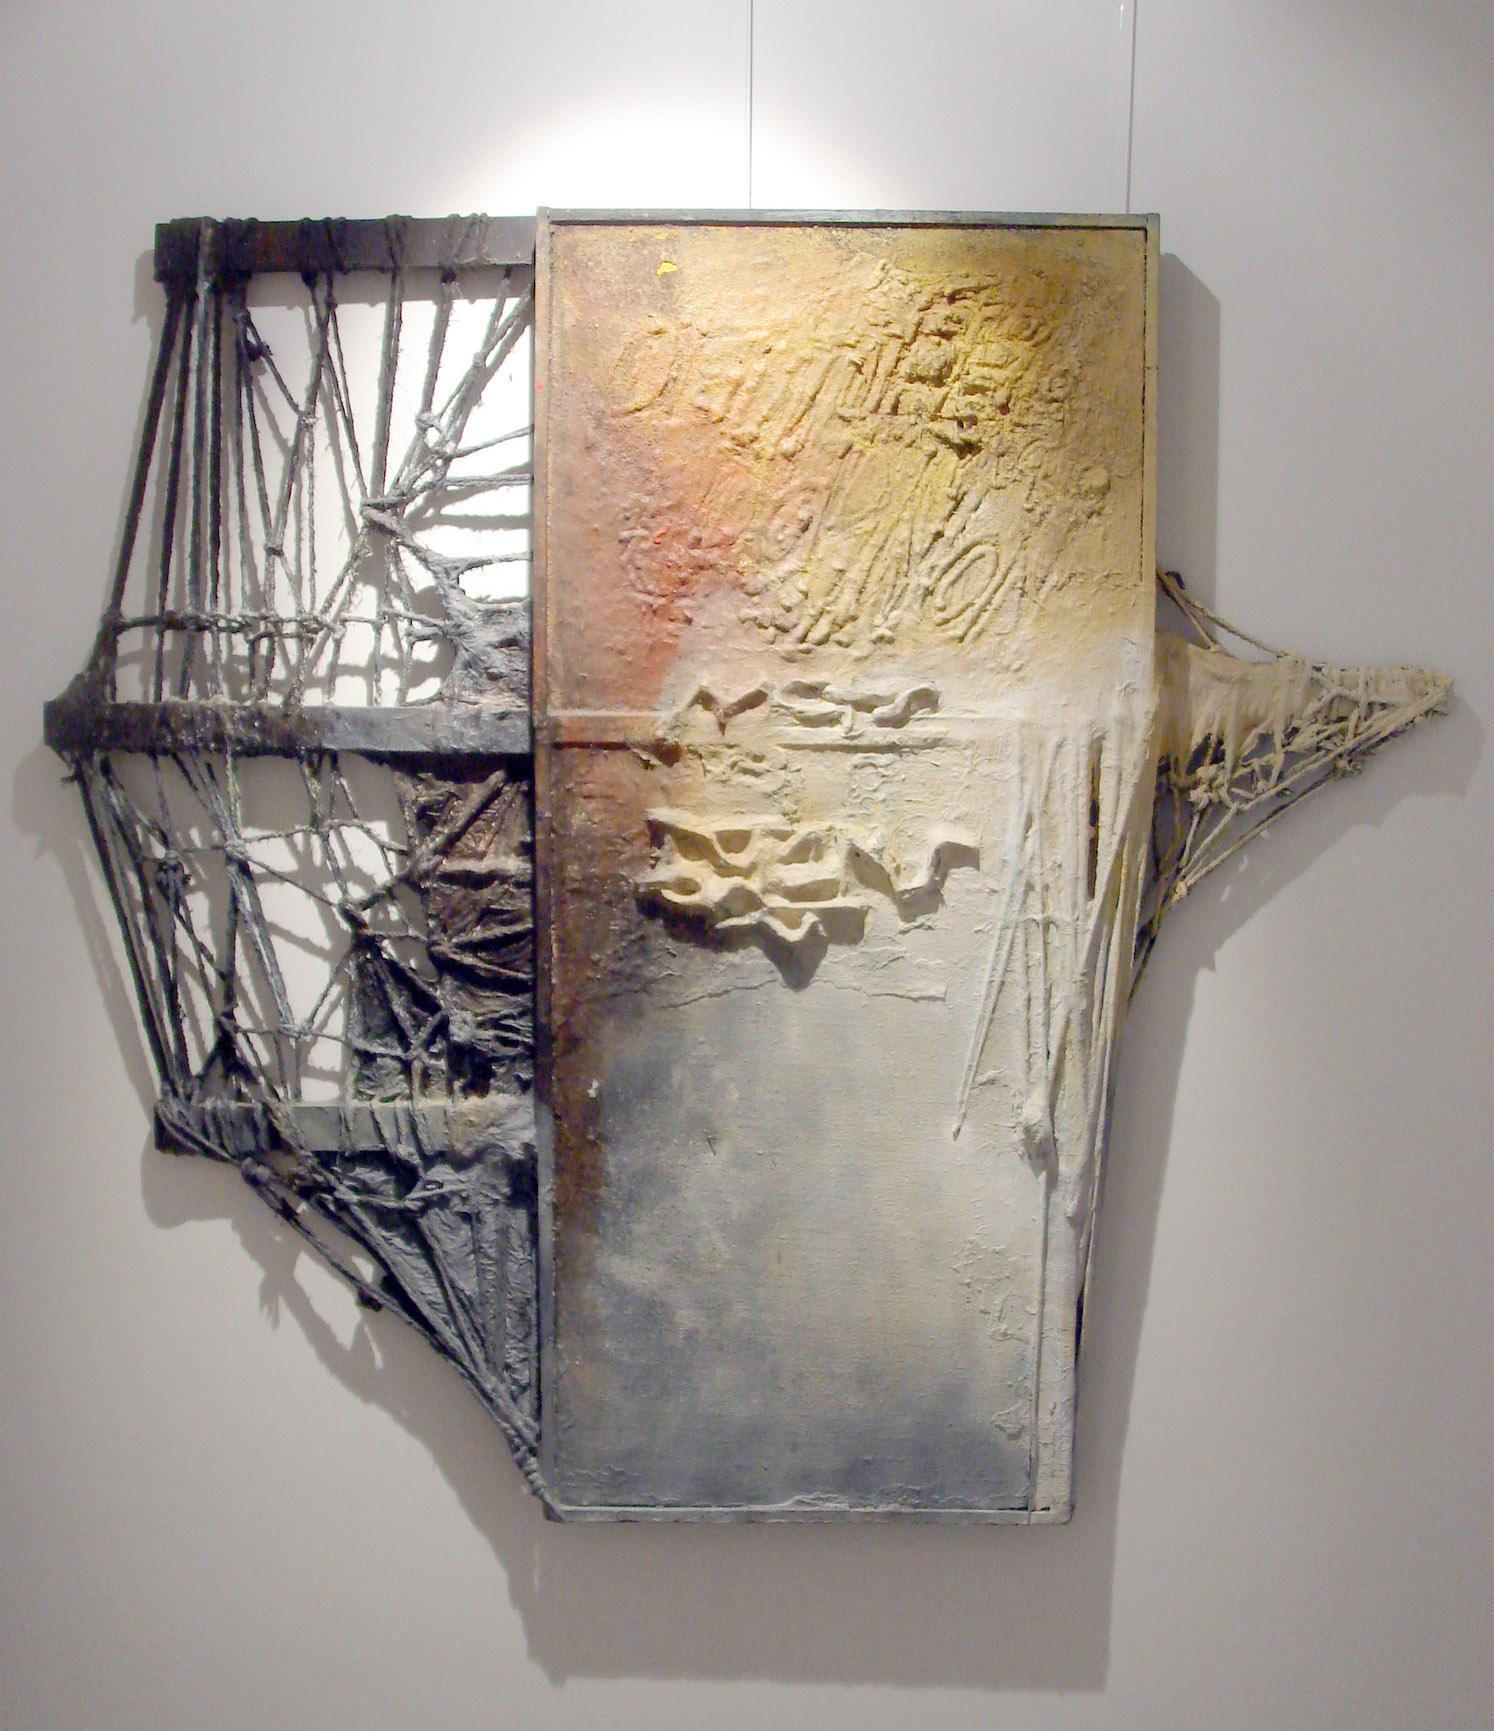 1971 Mots transparents pour un battement de coeur, œuvre tactiliste, 107 x 114 cm